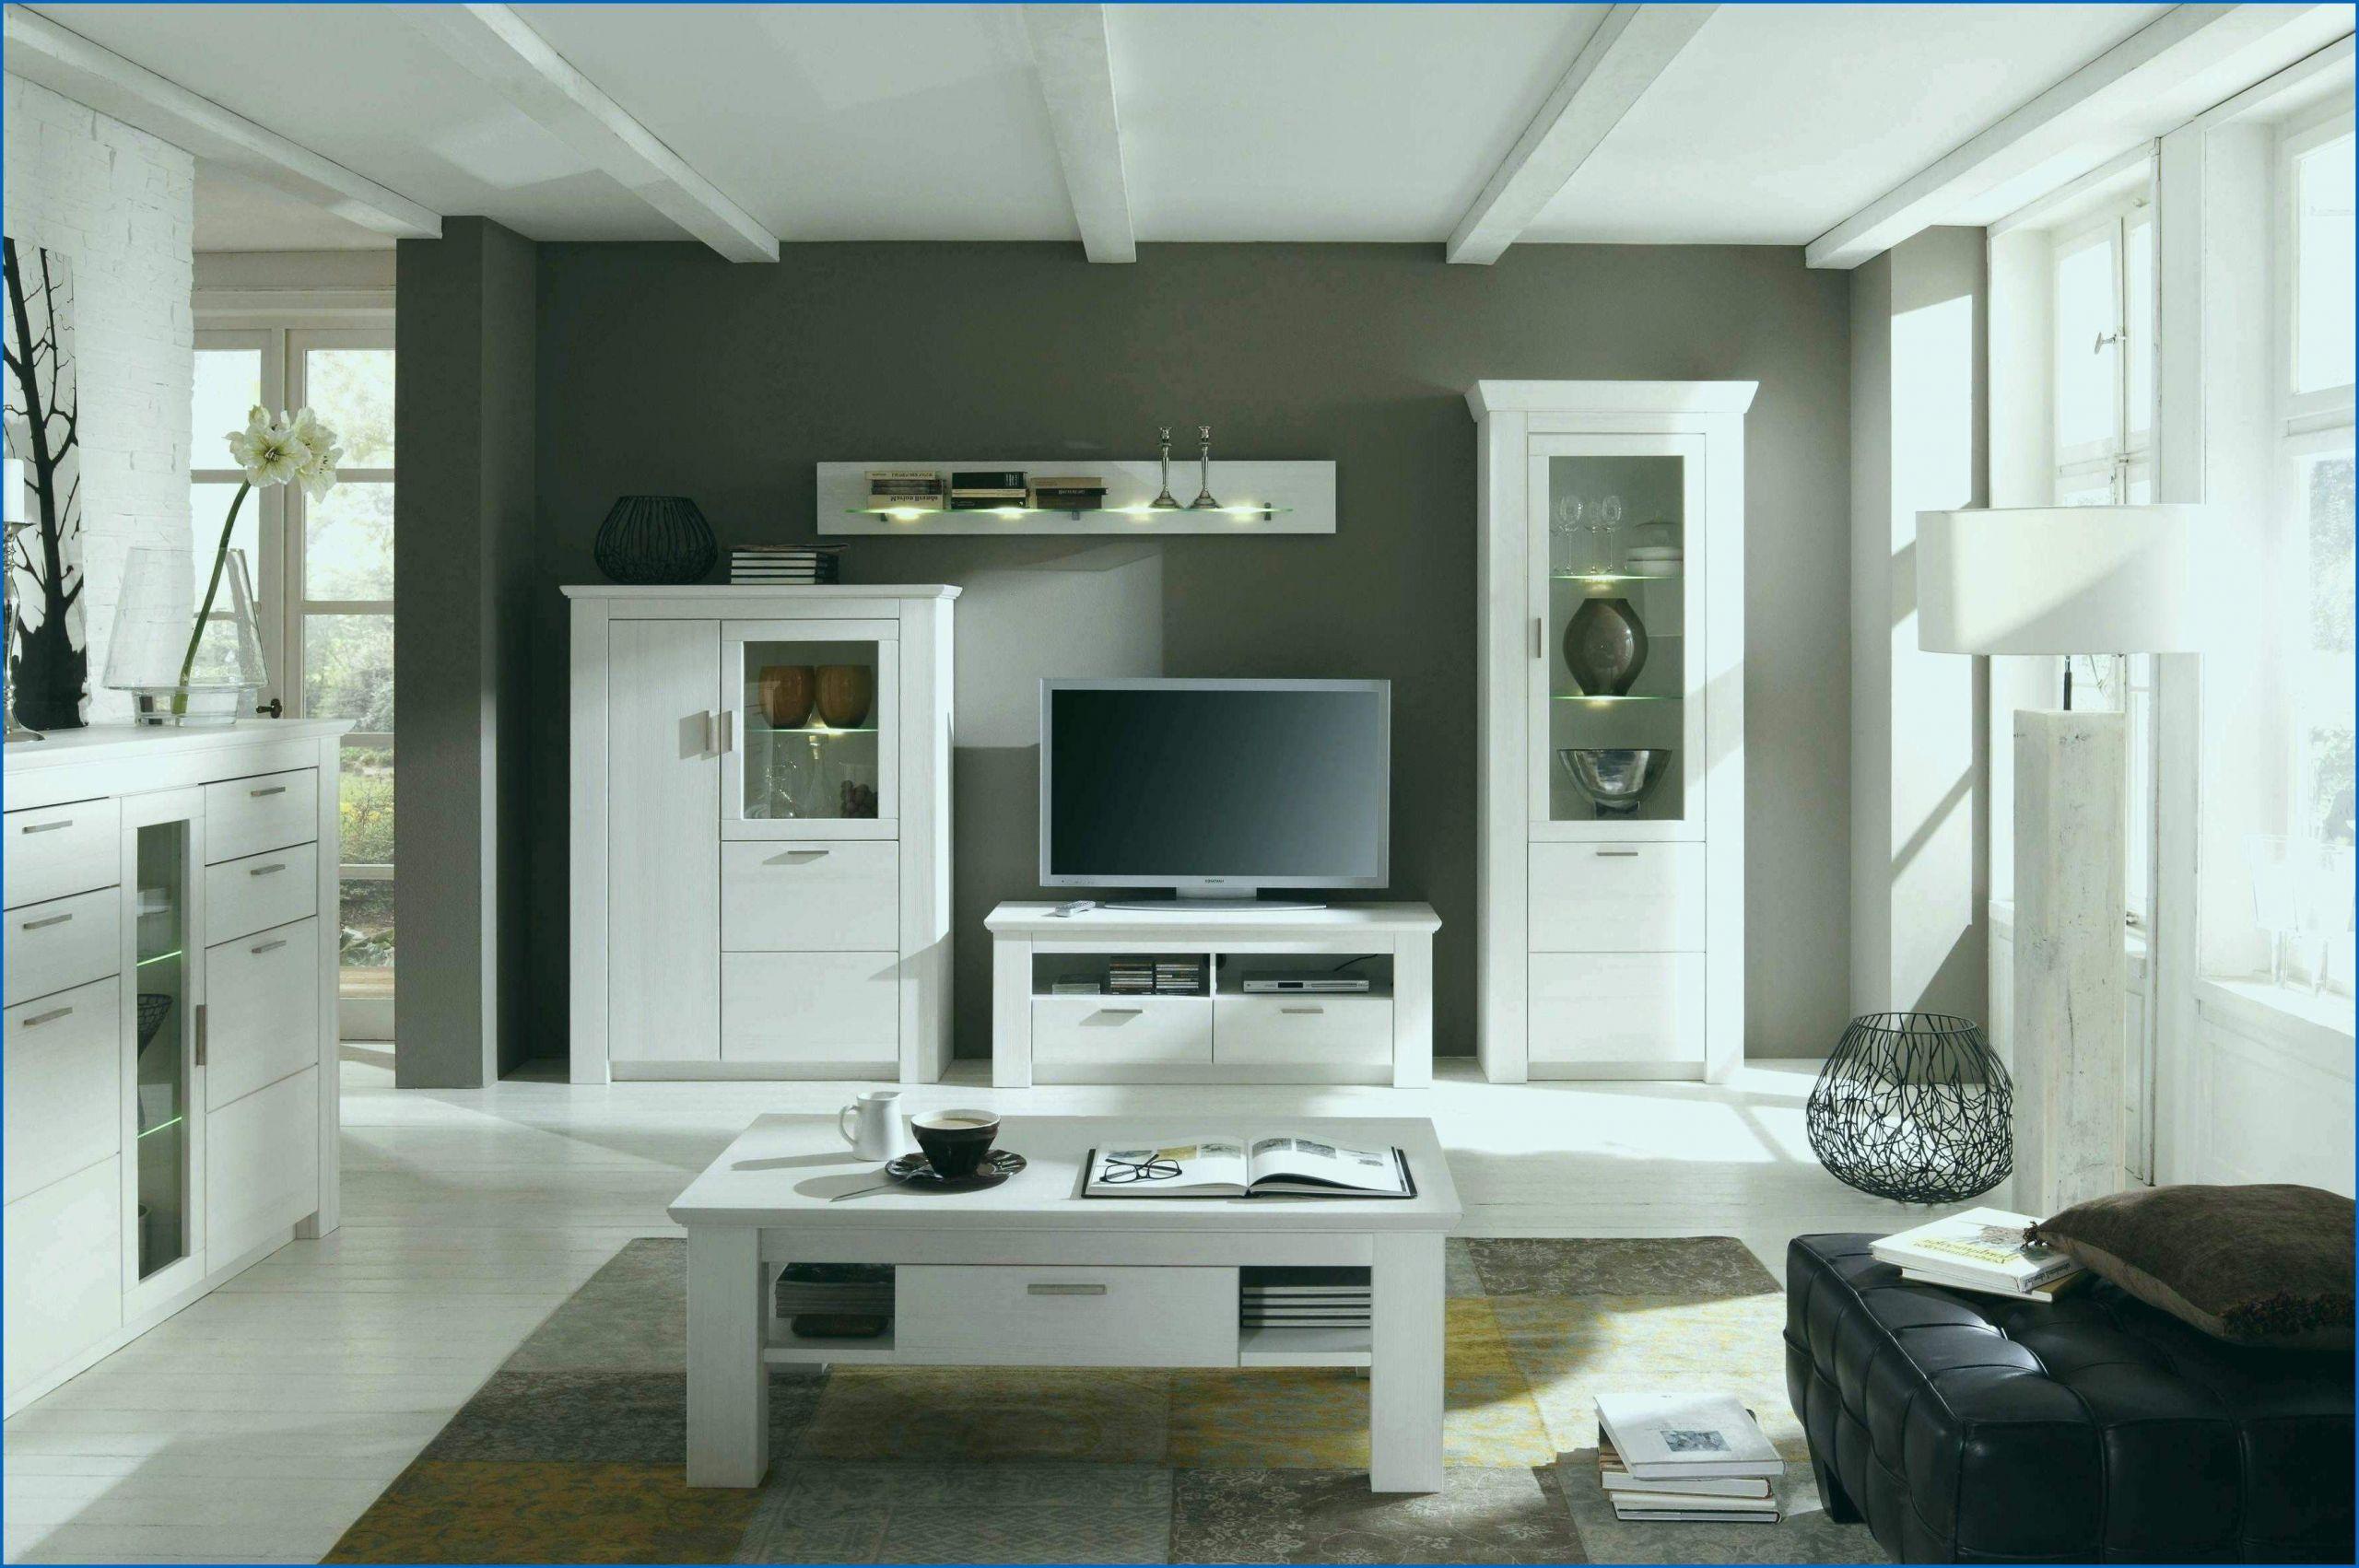 wohnzimmer deko online shop elegant 39 luxurios und gemutlich dekoration wohnzimmer regal of wohnzimmer deko online shop scaled